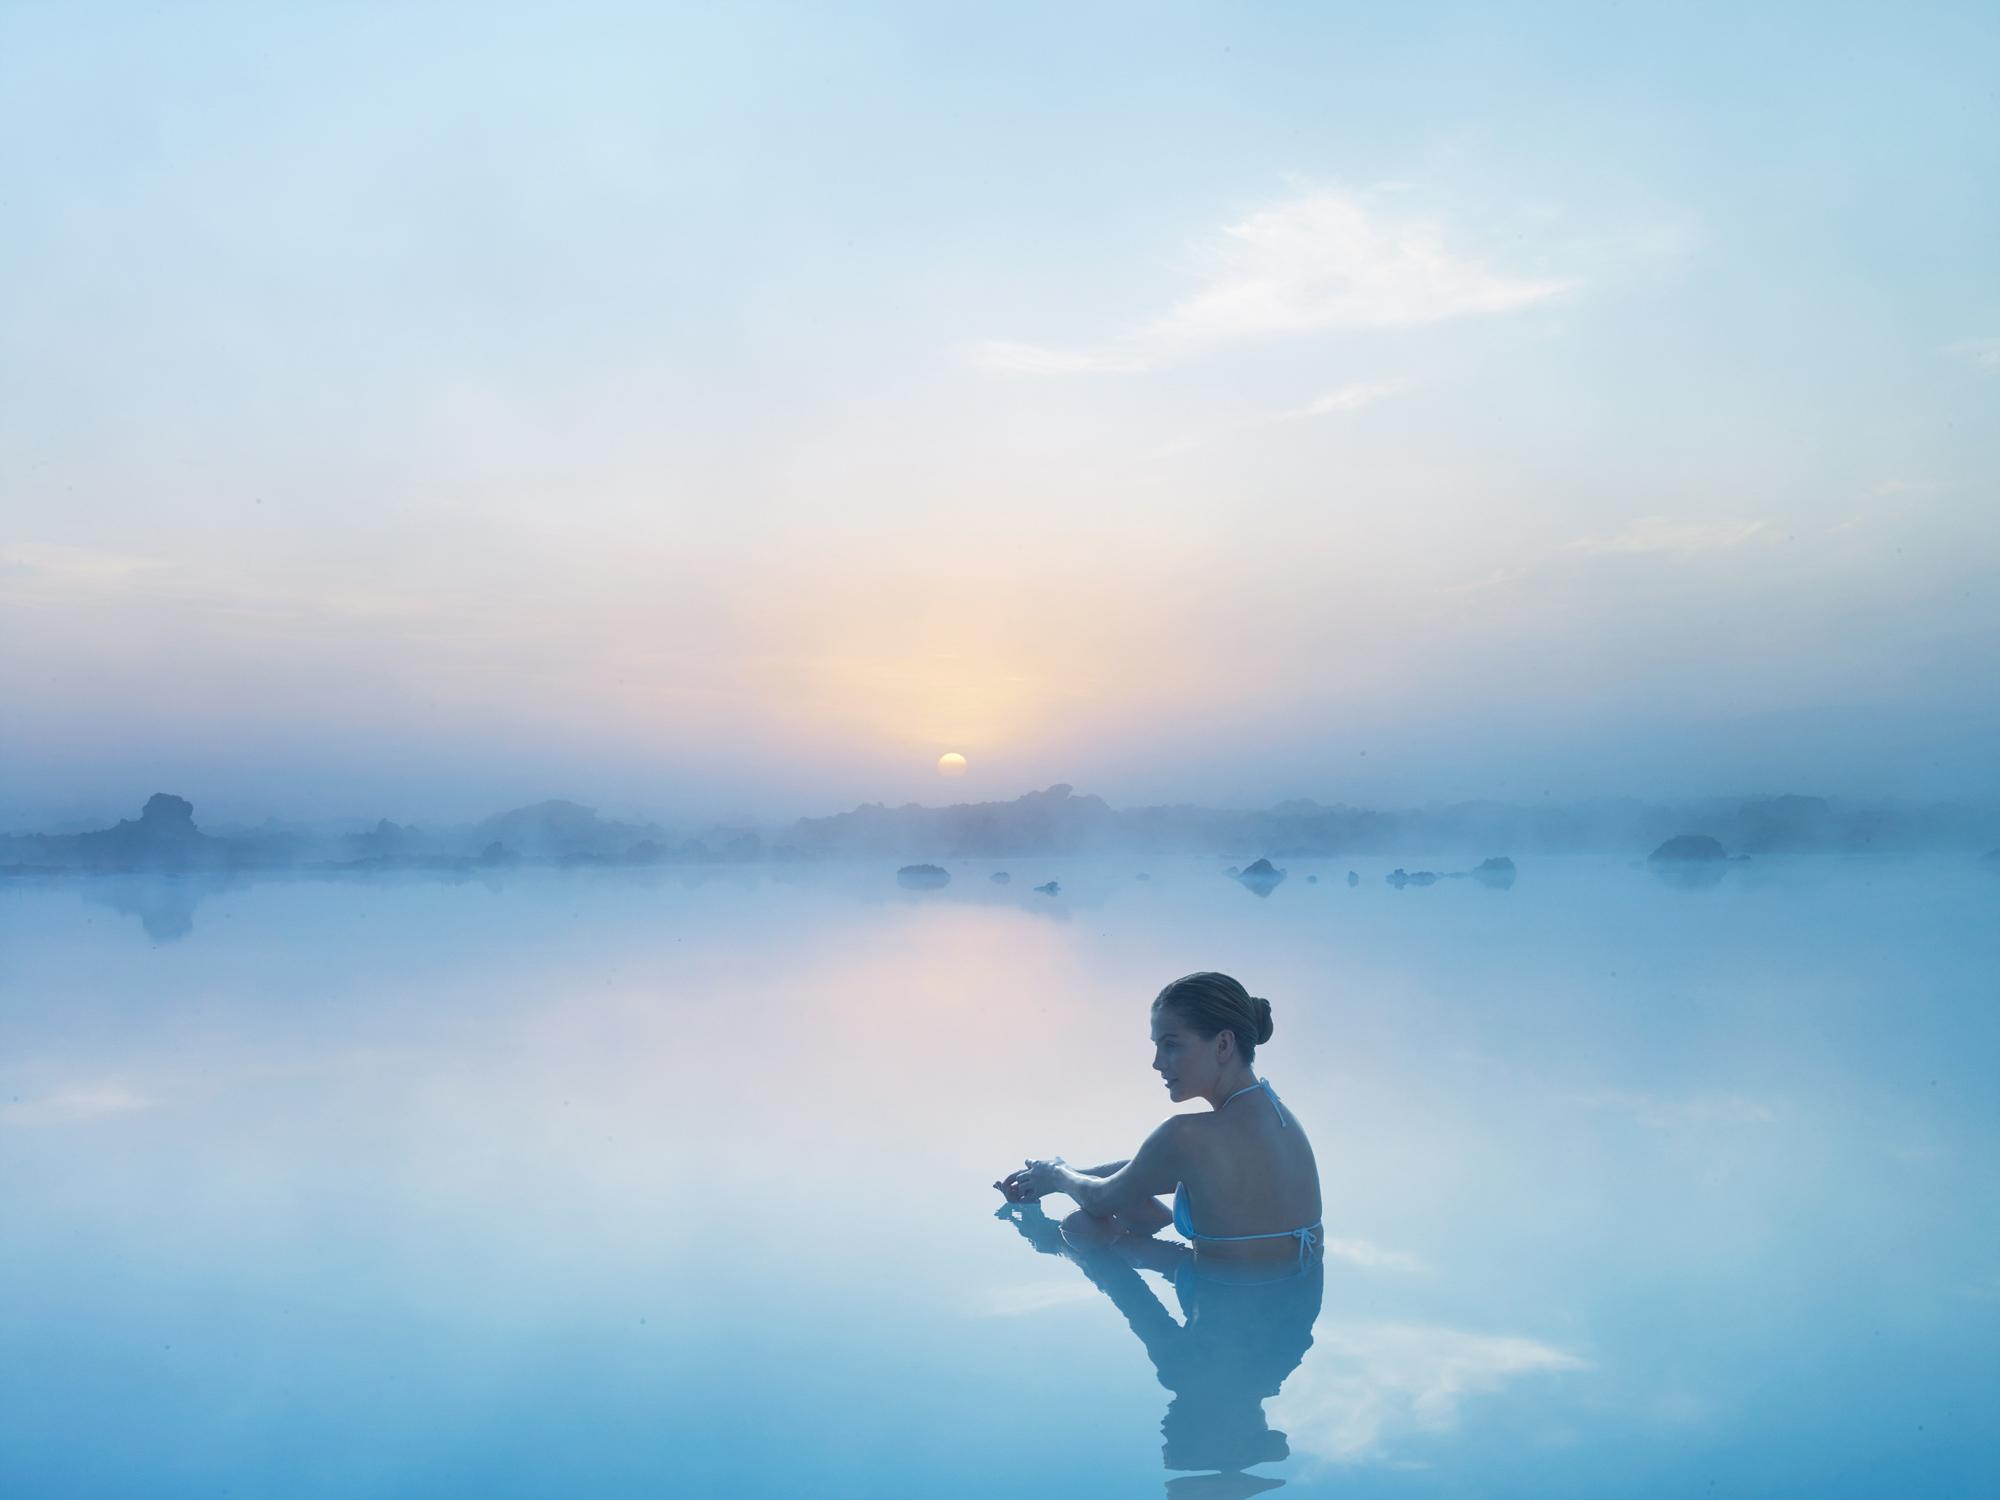 举世闻名的蓝湖温泉就位于雷克雅内斯半岛之上,距离凯夫拉维克国际机场很近